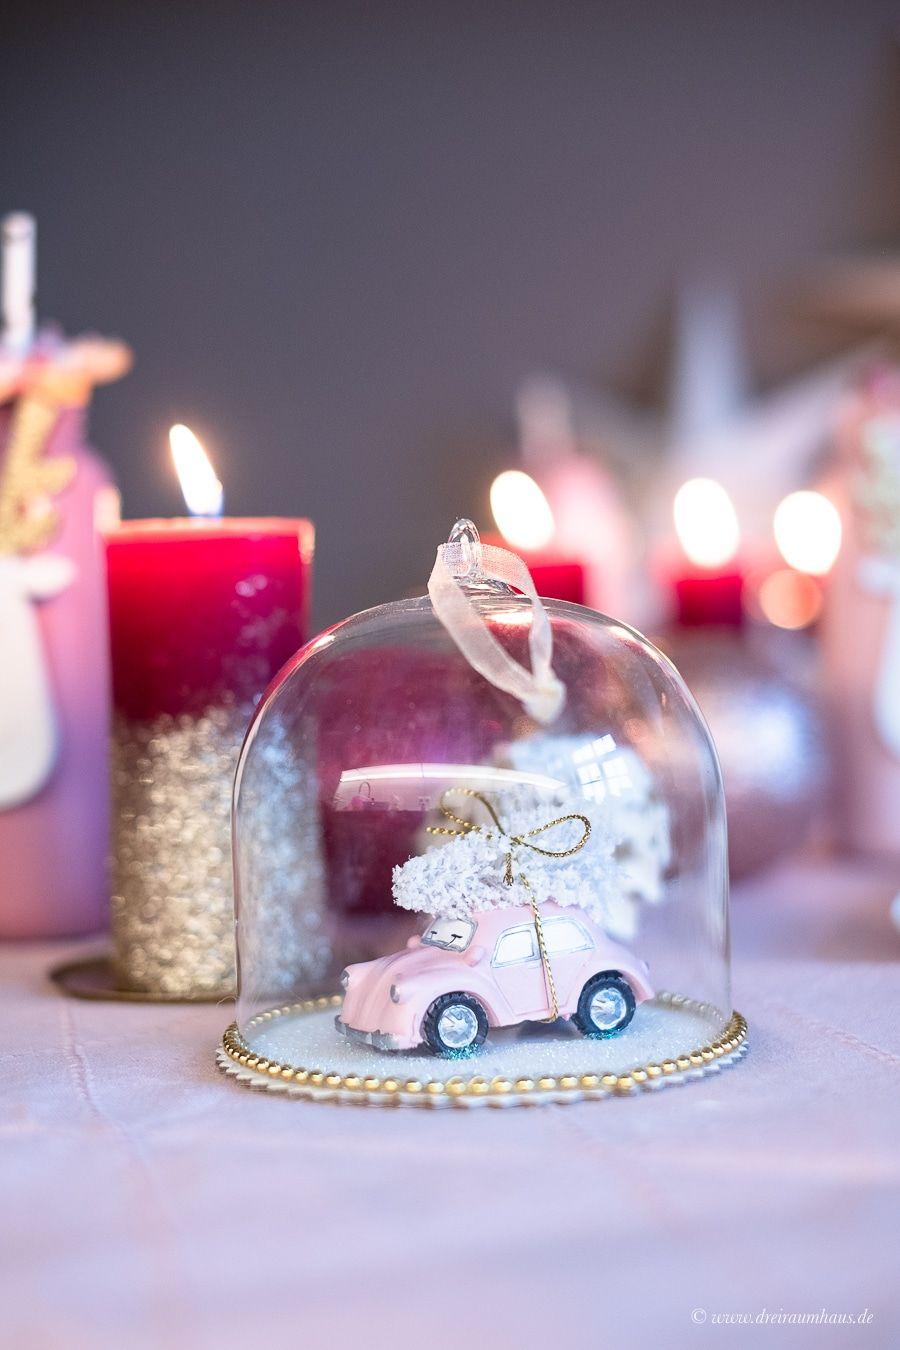 Bezaubernde Tischdeko, ein DIY für die Weihnachtstafel und Kaffeegenuss für den stimmungsvollen Moment! Kaffeegenuss mit EILLES Kaffee von J.J. Darboven!